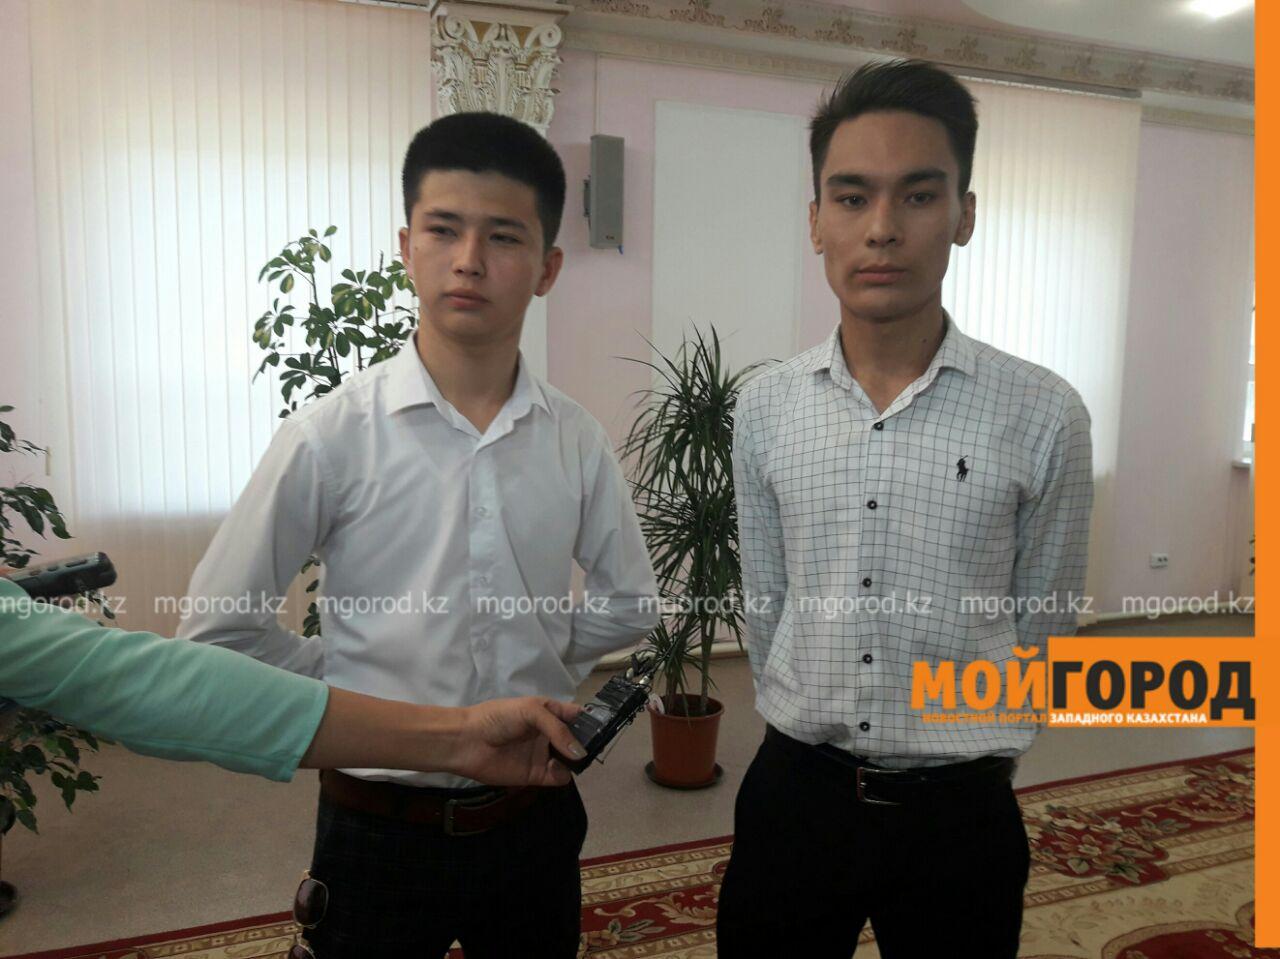 Участники скандального видео в Атырау принесли публичные извинения(ВИДЕО) atyrau_video (2)